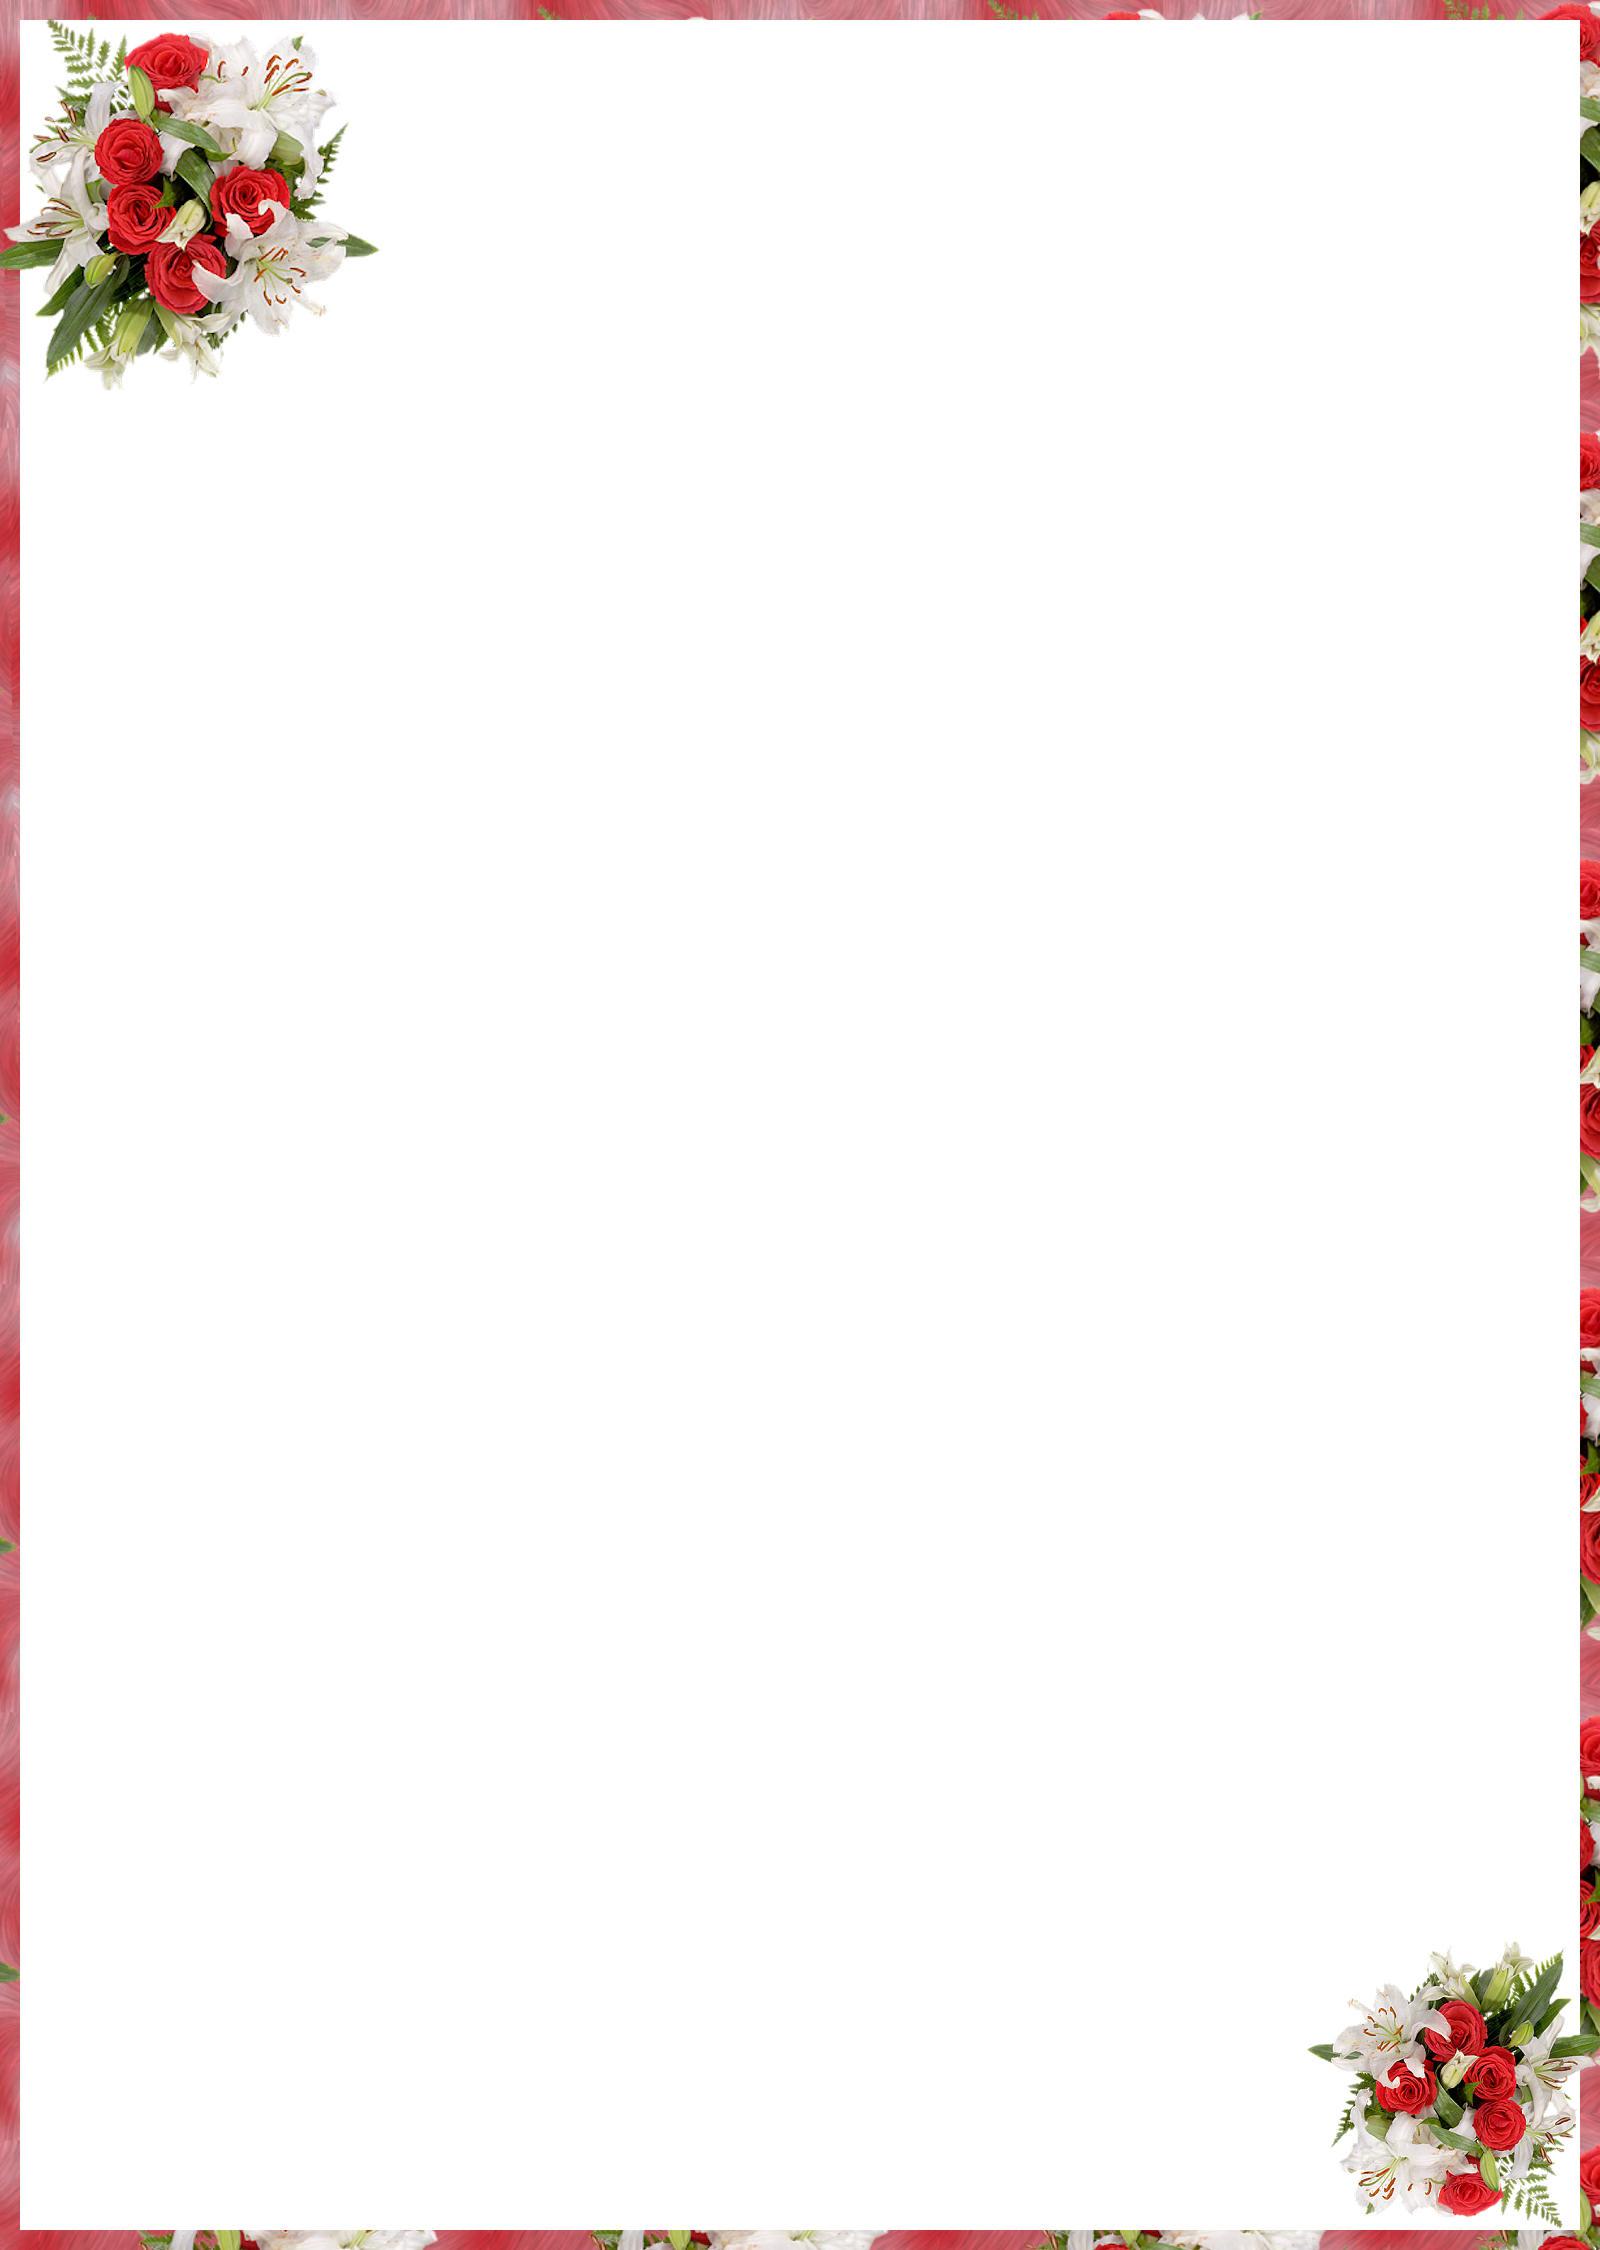 Epub] Papier De Noel A Imprimer Gratuit destiné Papier Lettre De Noel